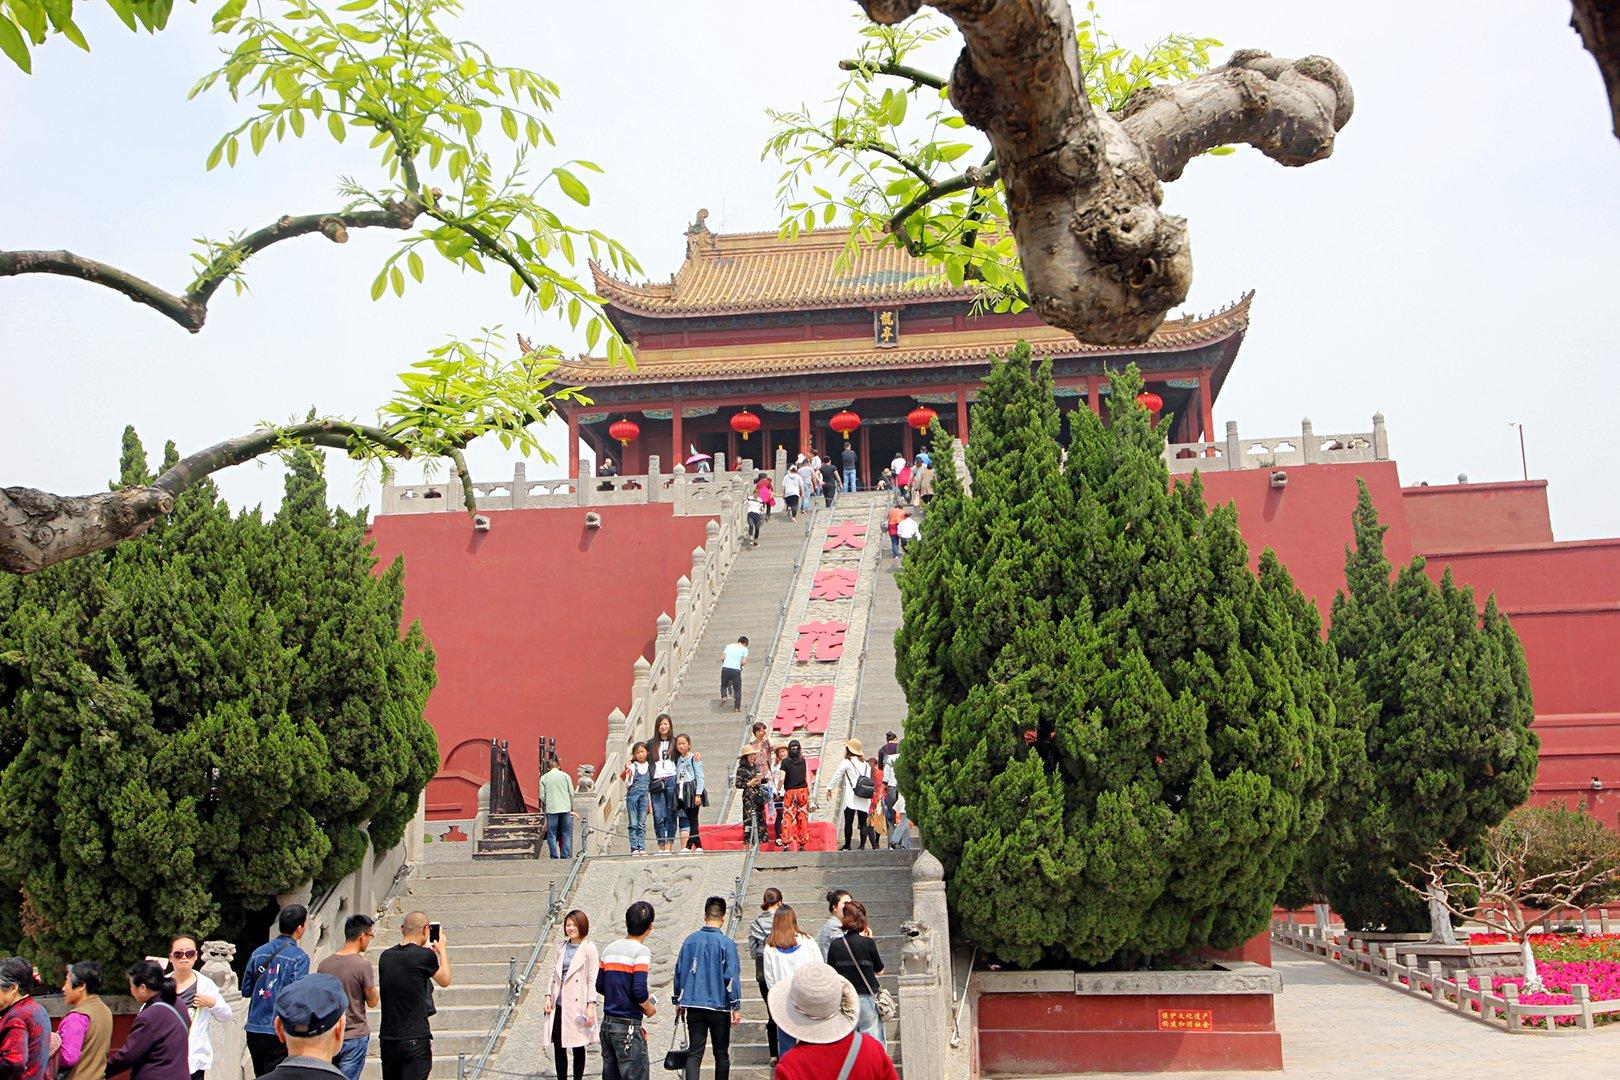 历史与现代的交融——花朝节之开封印象